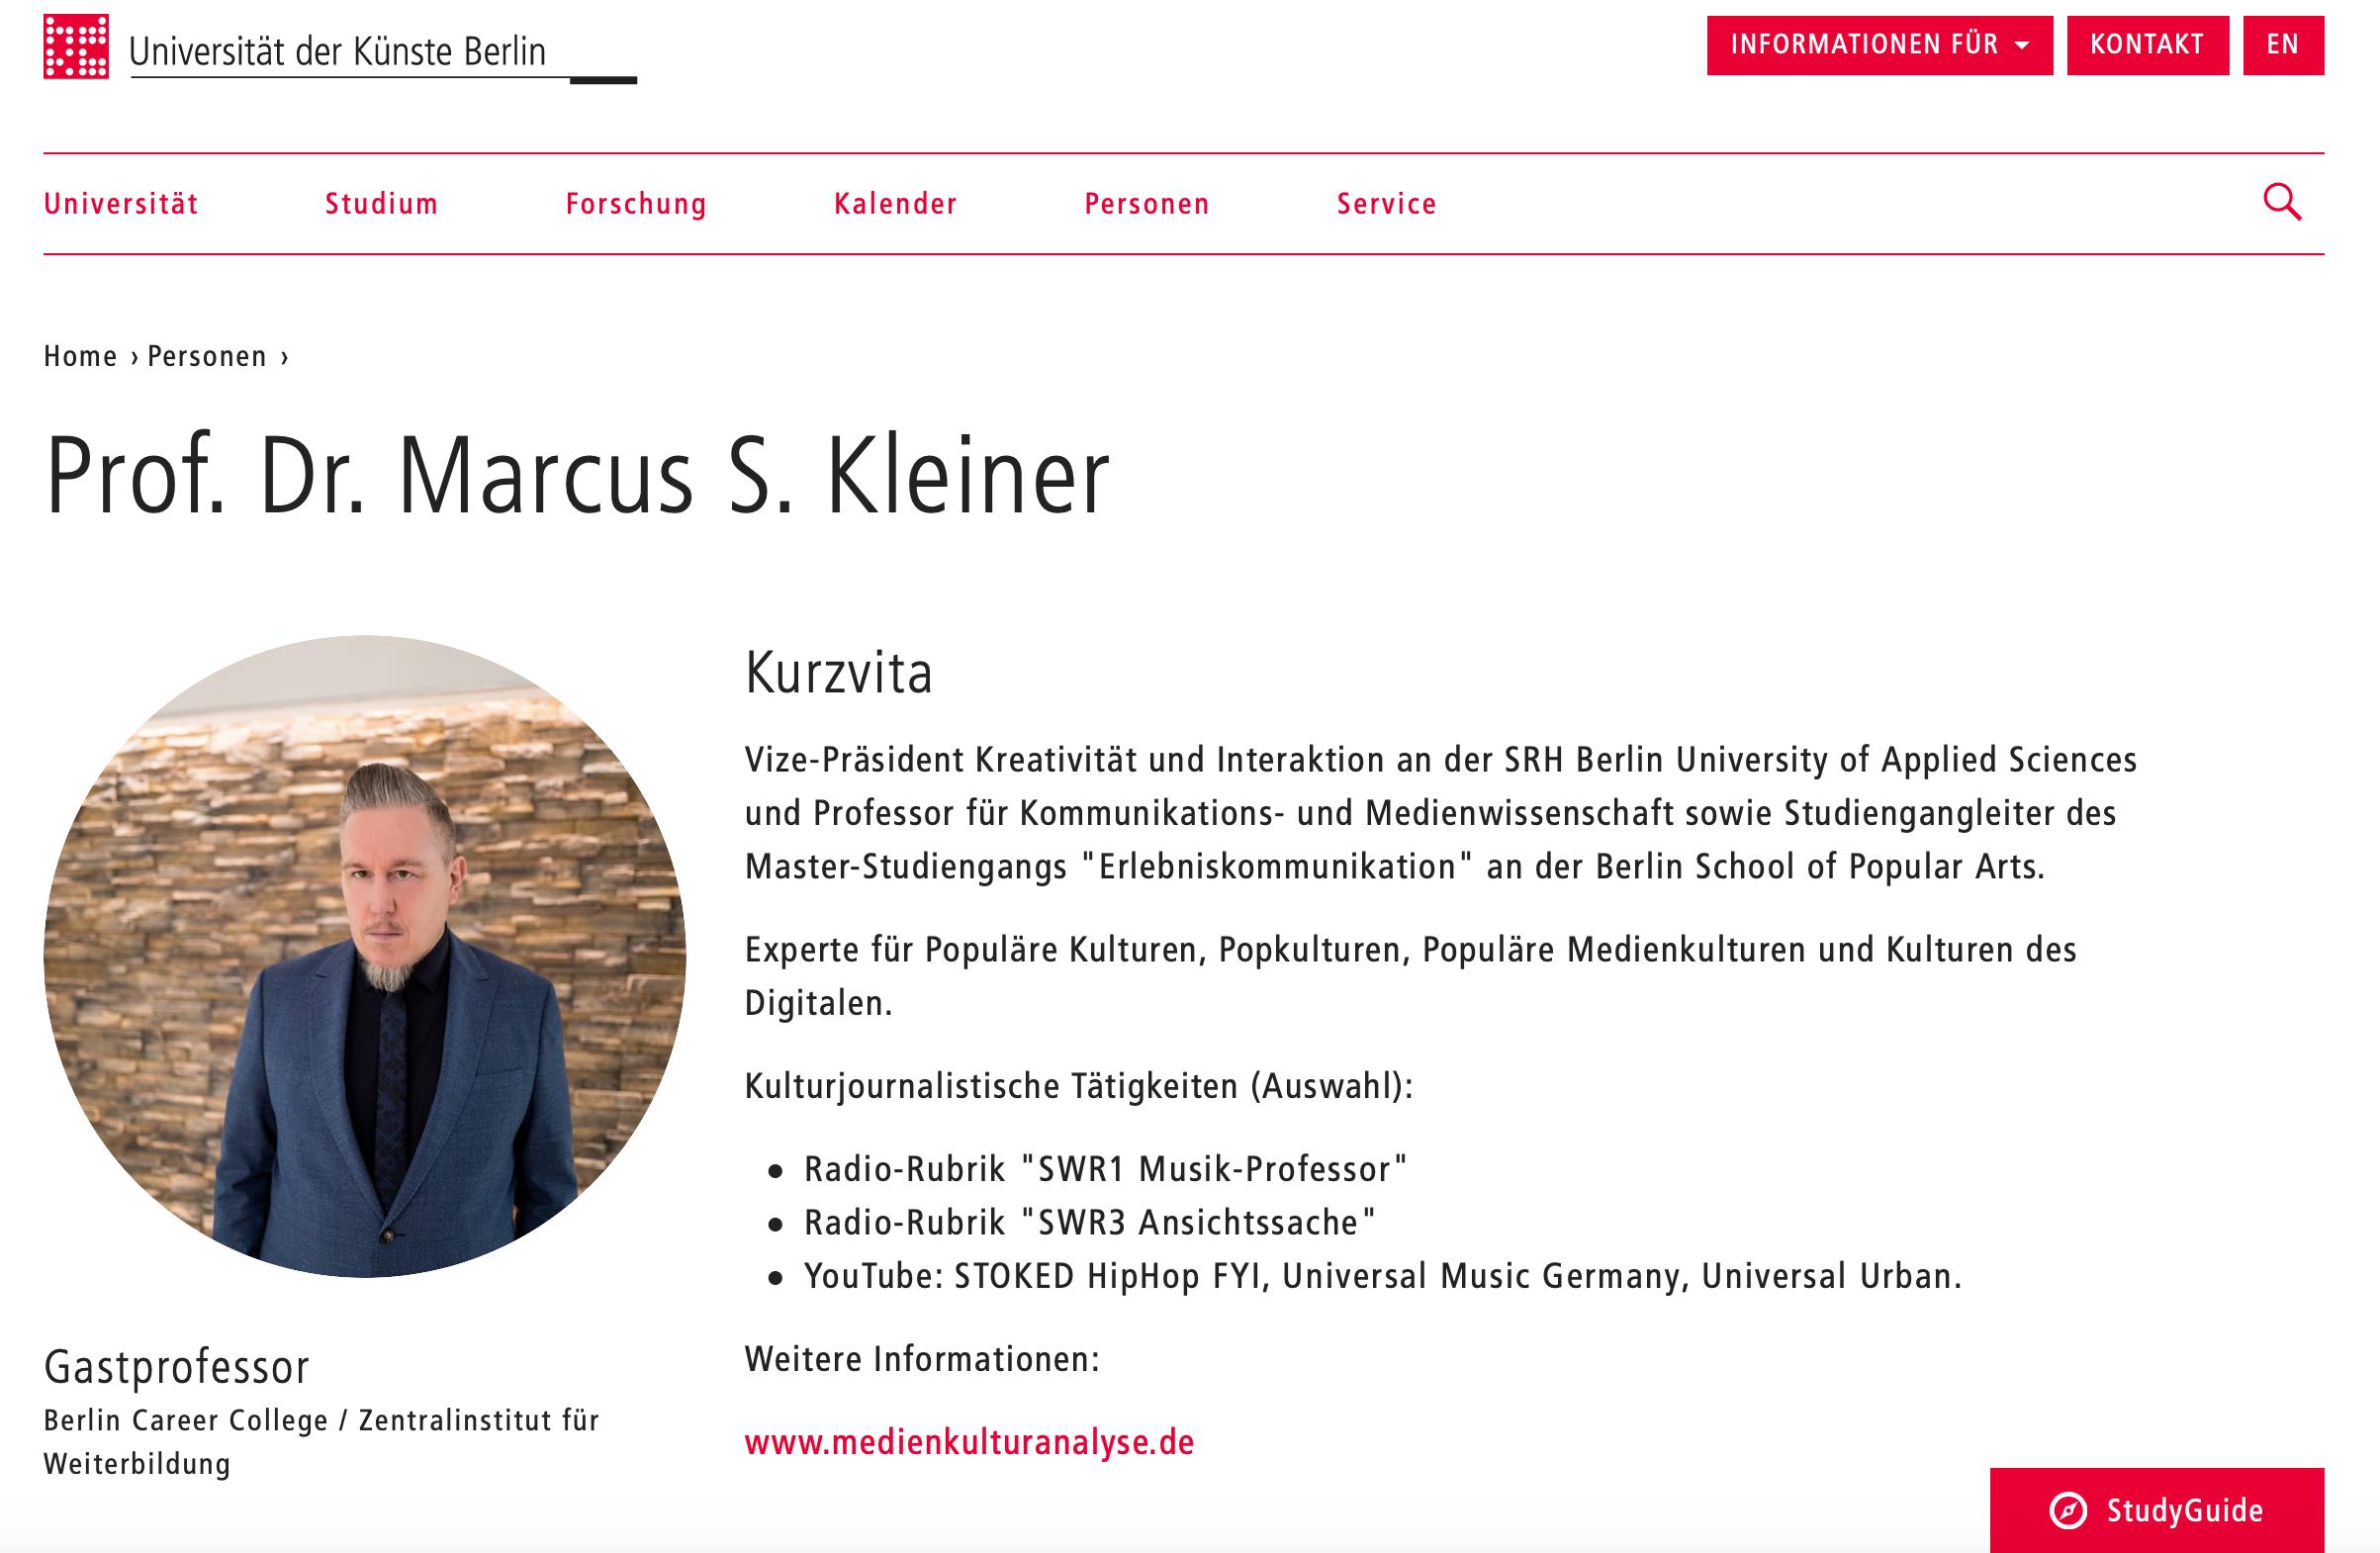 Gastprofessur UdK Marcus S. Kleiner